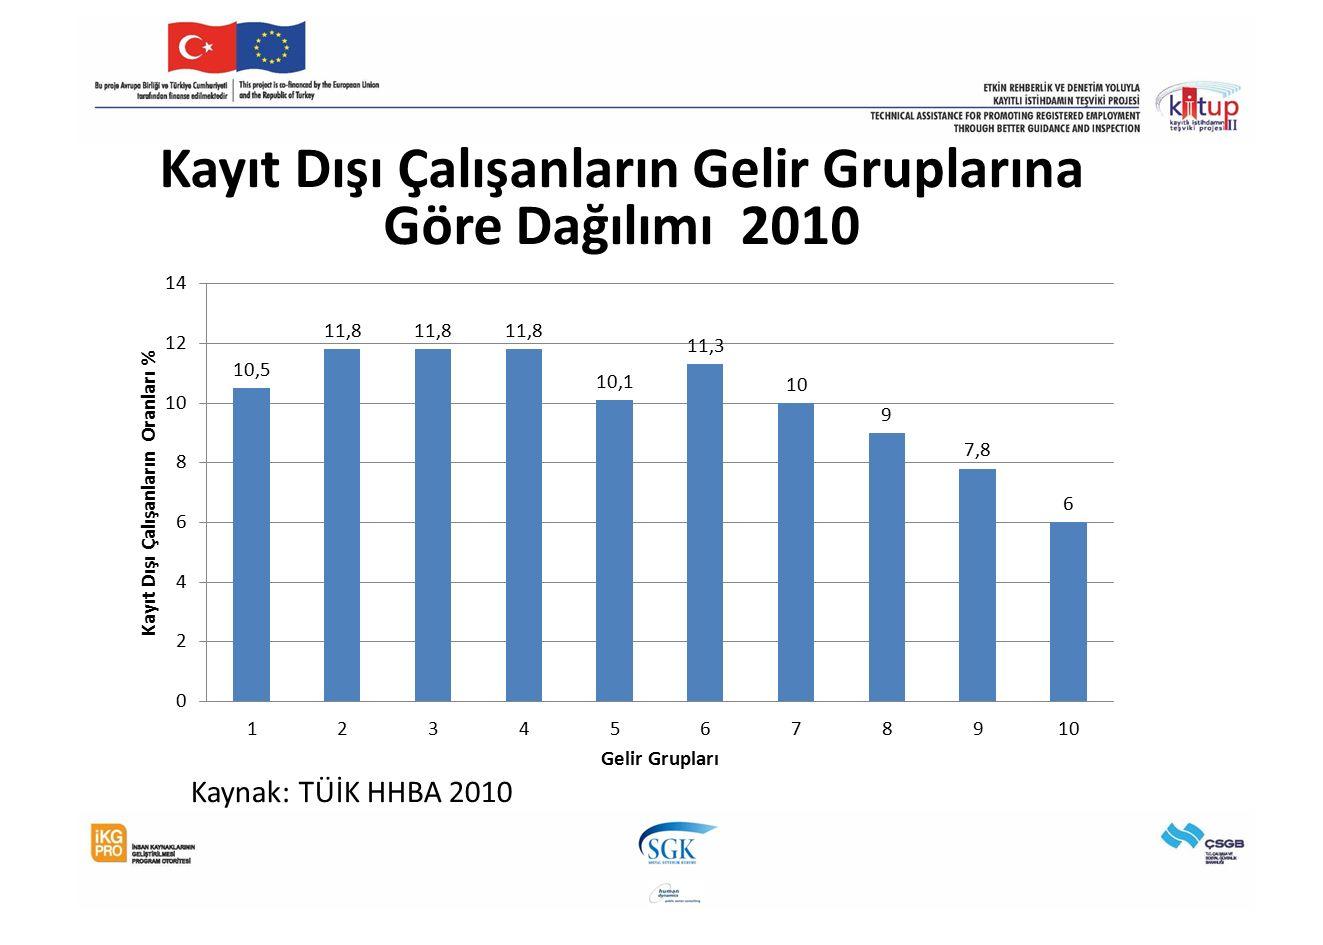 Kayıt Dışı Çalışanların Gelir Gruplarına Göre Dağılımı 2010 Kaynak: TÜİK HHBA 2010